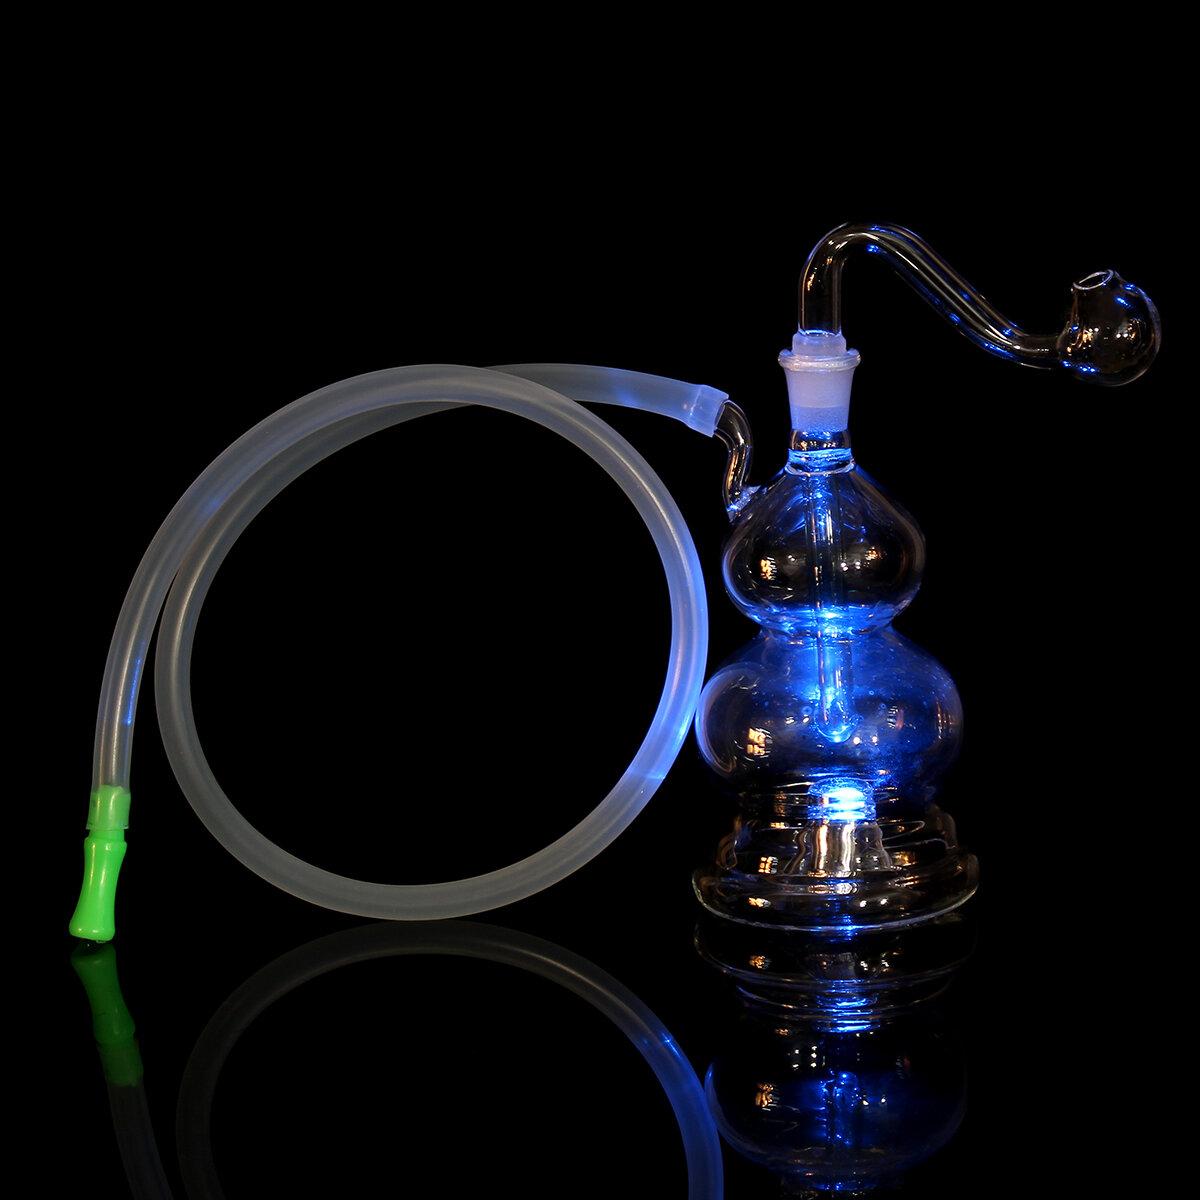 LED Hoookah Pipe Wasser Rauchpfeifen Glaspfeife Flaschenlichter wechseln